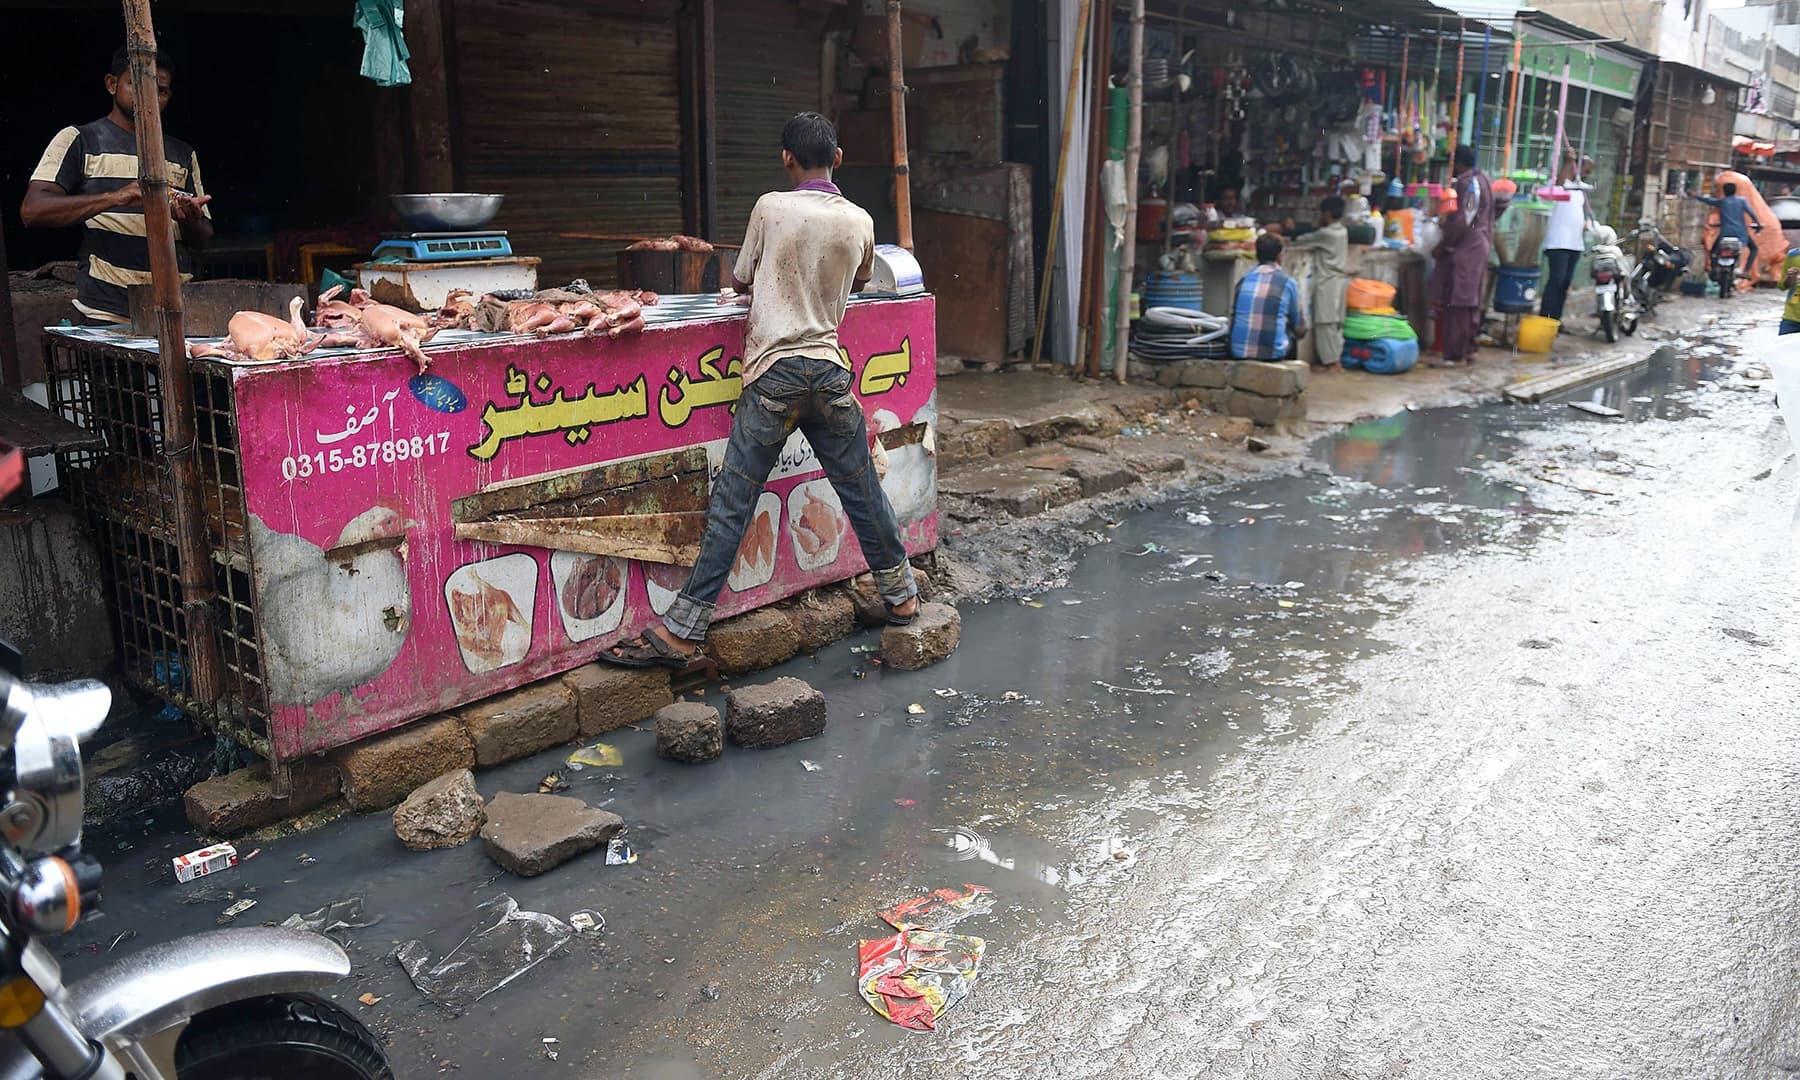 مارکیٹوں اور گلیوں میں بارش اور ناقص سیوریج نظام کے باعث گندگی کے ڈھیر لگ گئے ہیں—فوٹو:اے ایف پی